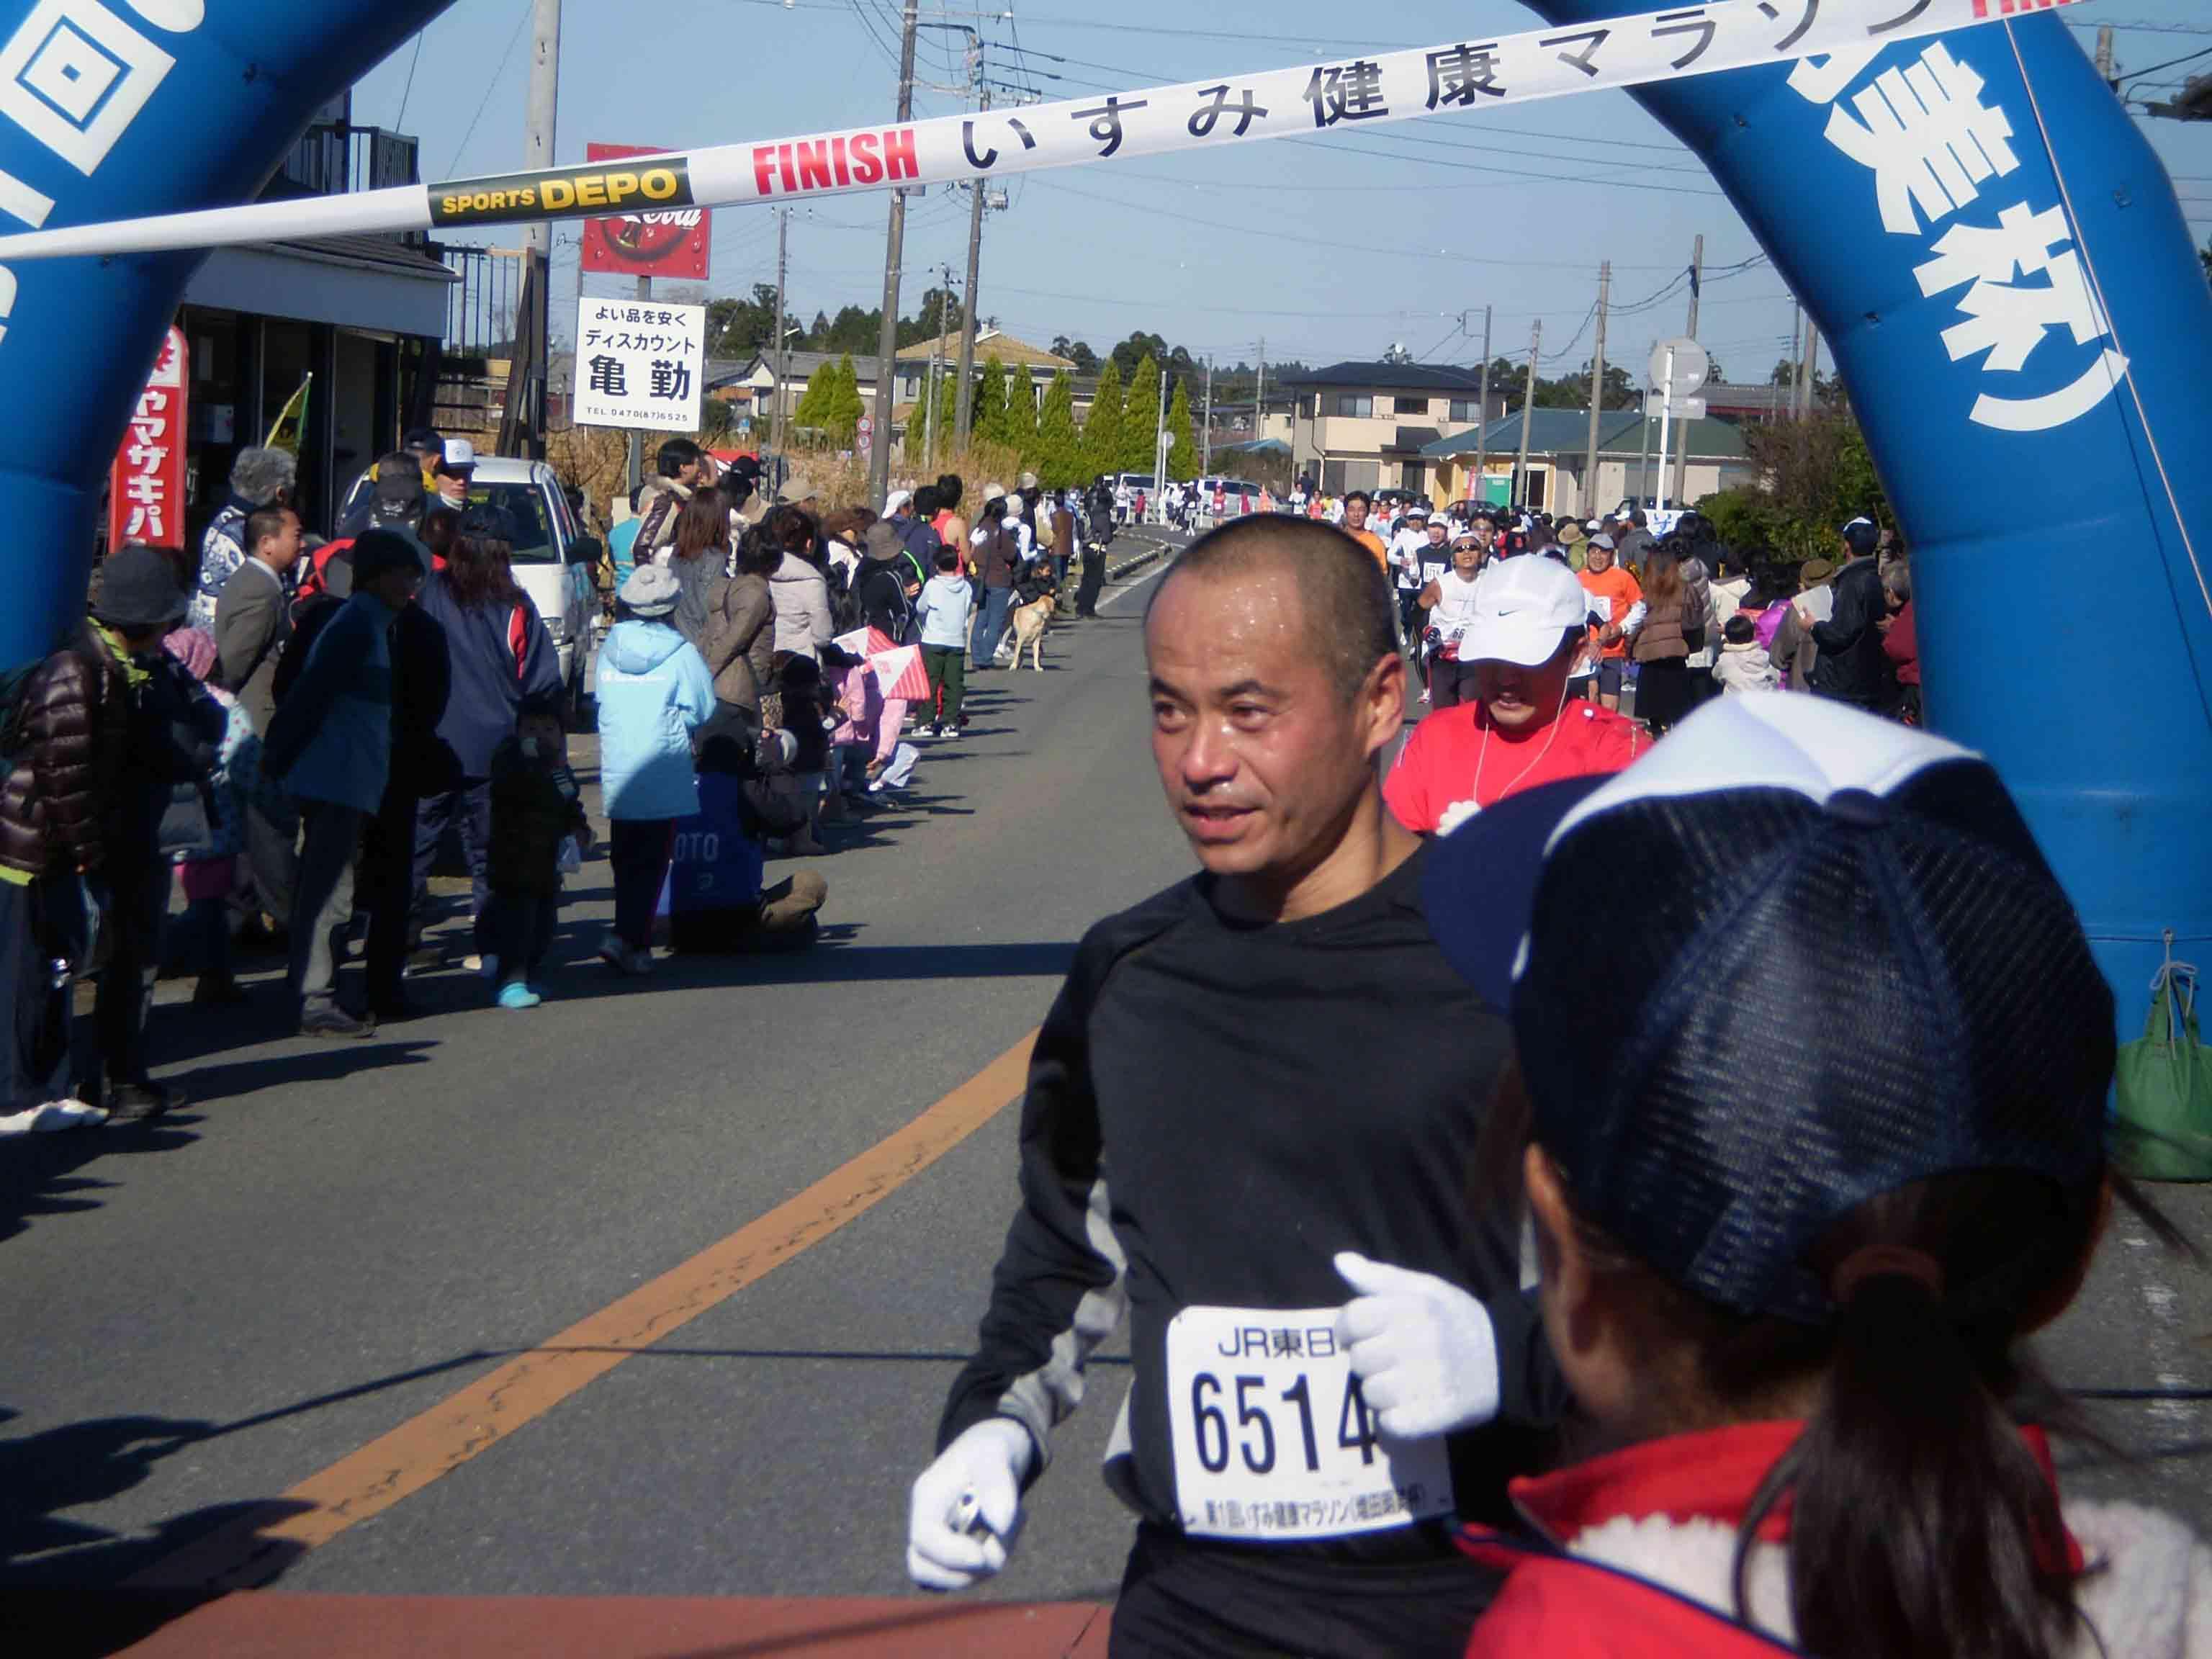 第一回いすみ健康マラソン大会_f0036759_5463794.jpg